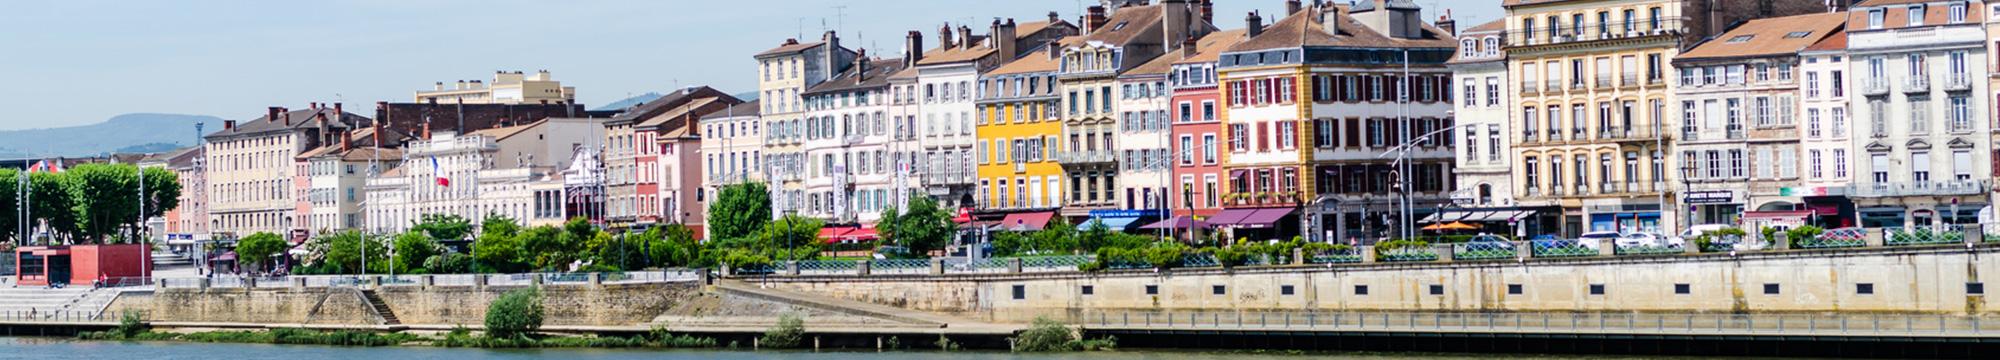 Alternance Bourgogne – Mâcon